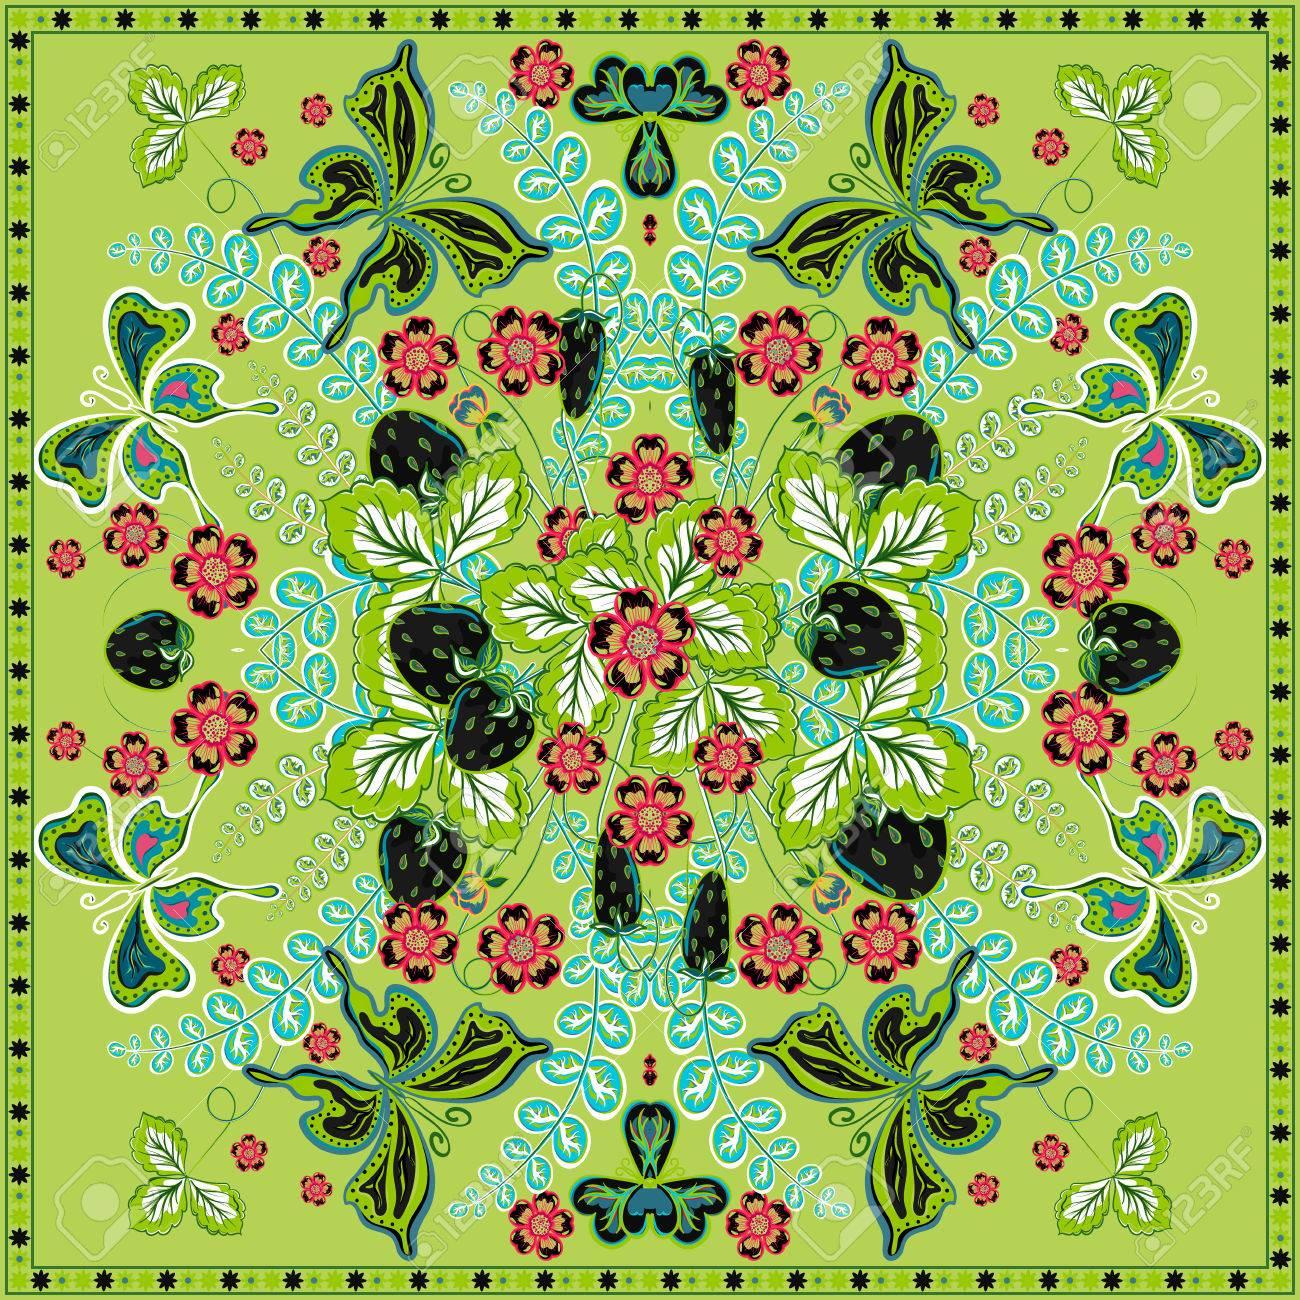 dernière mode chaussures exclusives riche et magnifique Fond floral, motif décoratif couleur fraise et le papillon et le cadre de  dentelle ornée. Bandana tissu châle imprimé, le cou foulard de soie, la ...